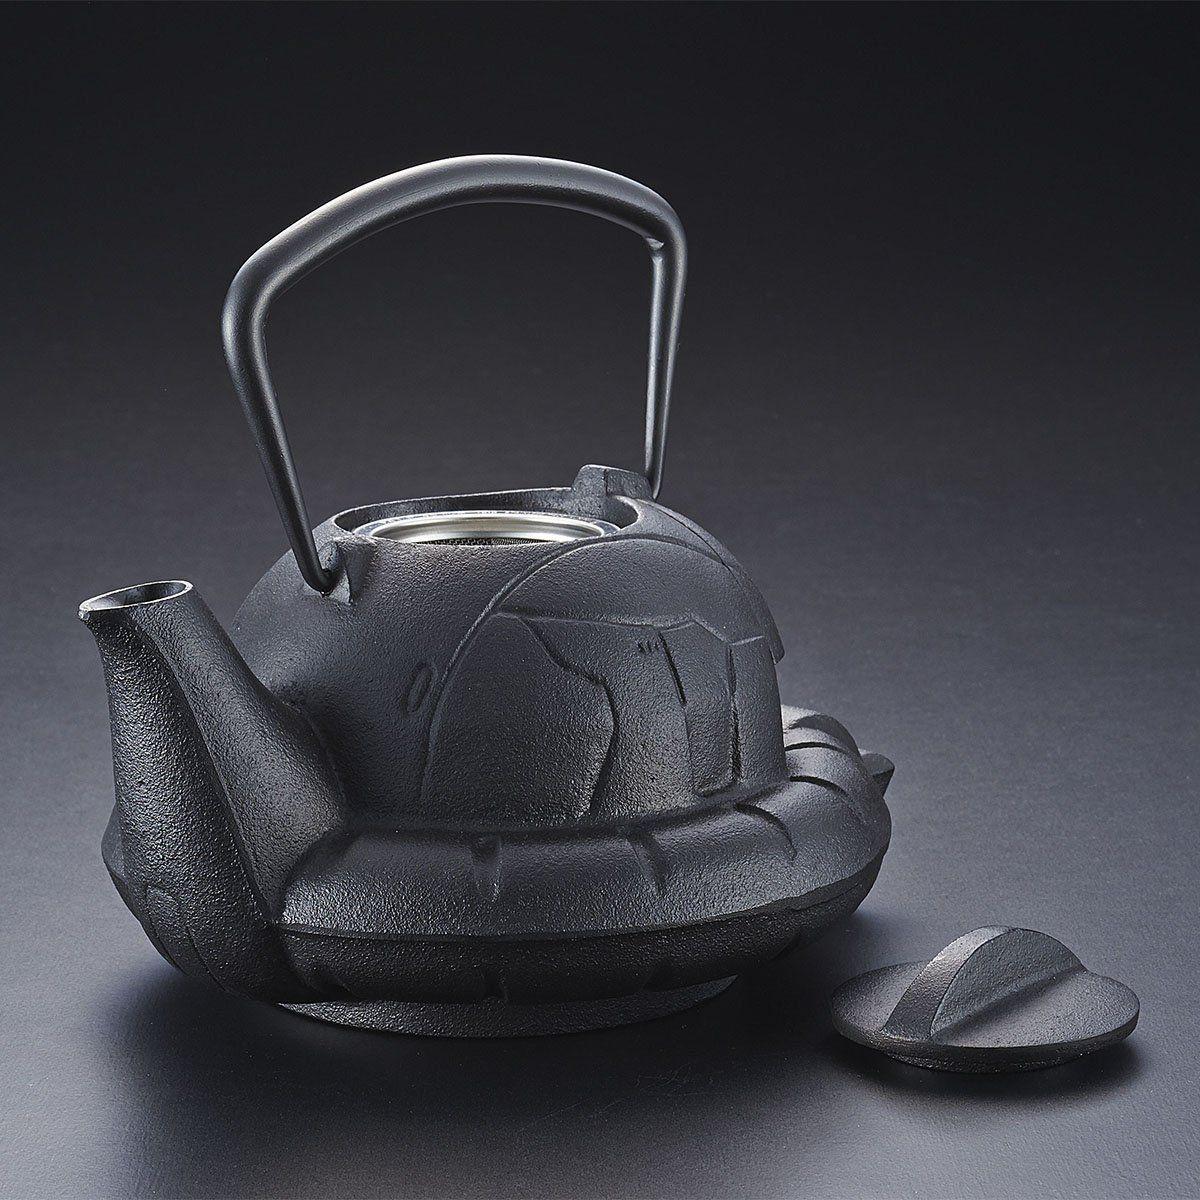 ガンダムカフェ『南部鉄器 鉄瓶 ZAKU』-009